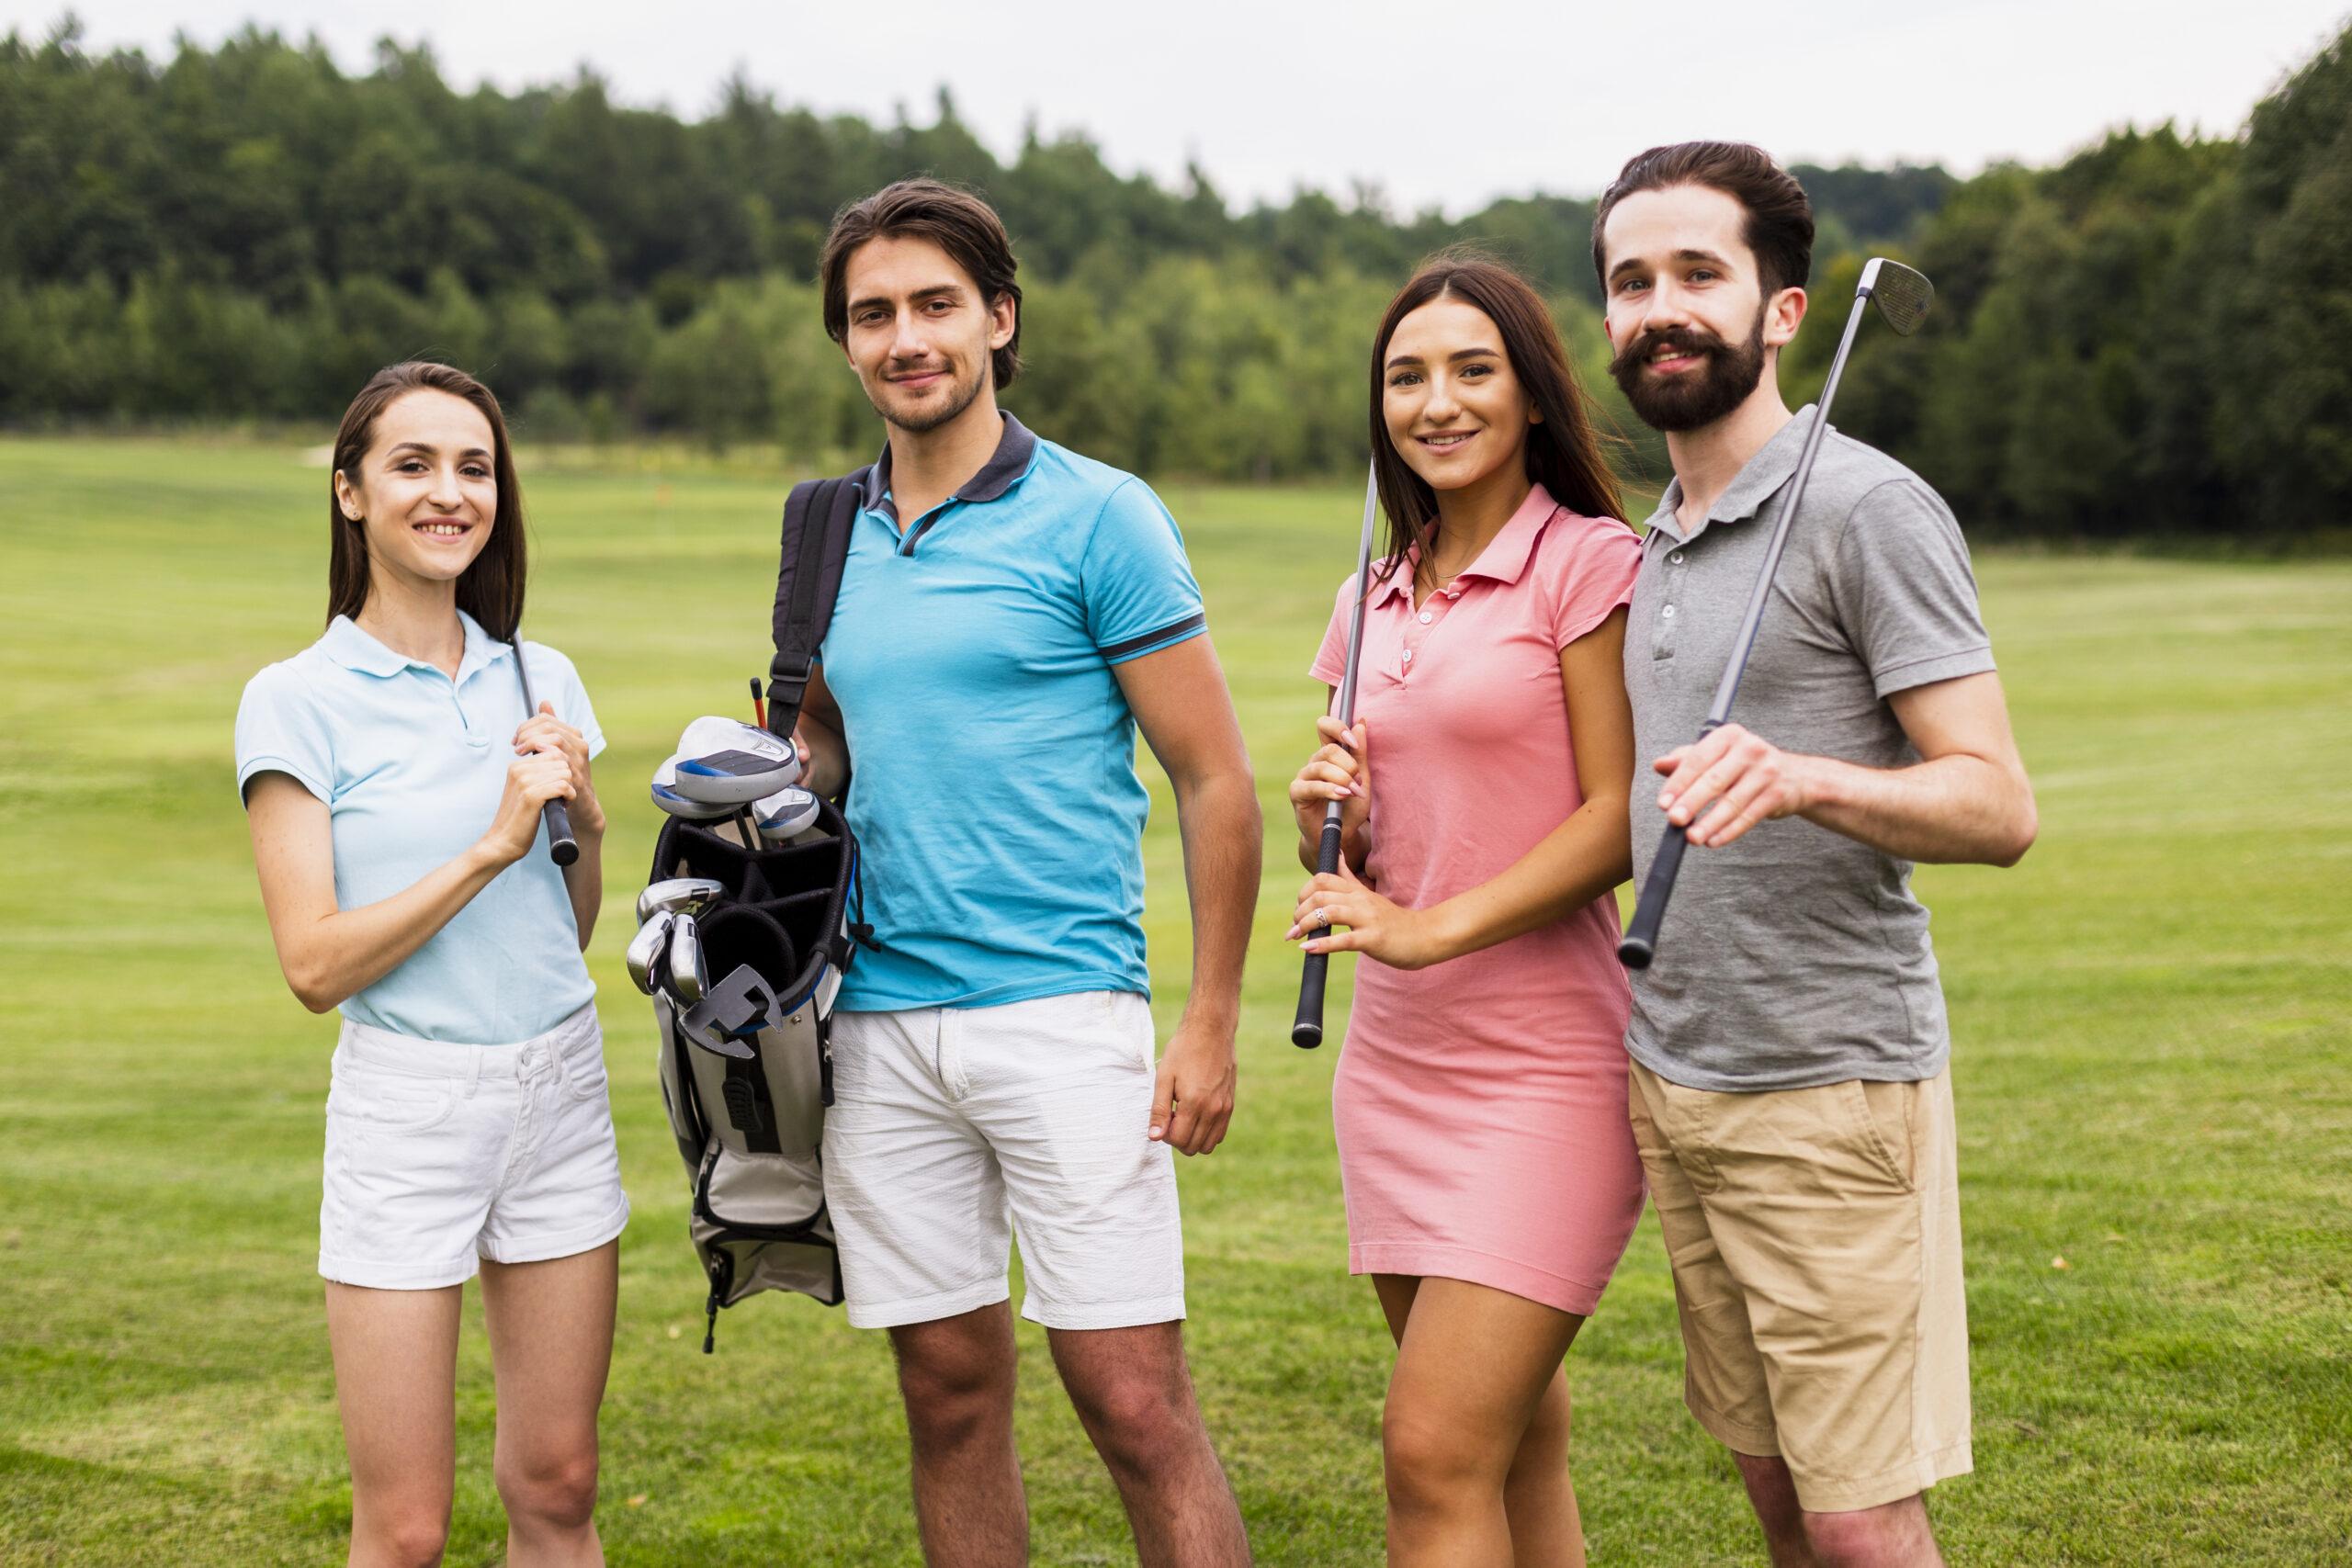 grupo de jóvenes en campo de golf